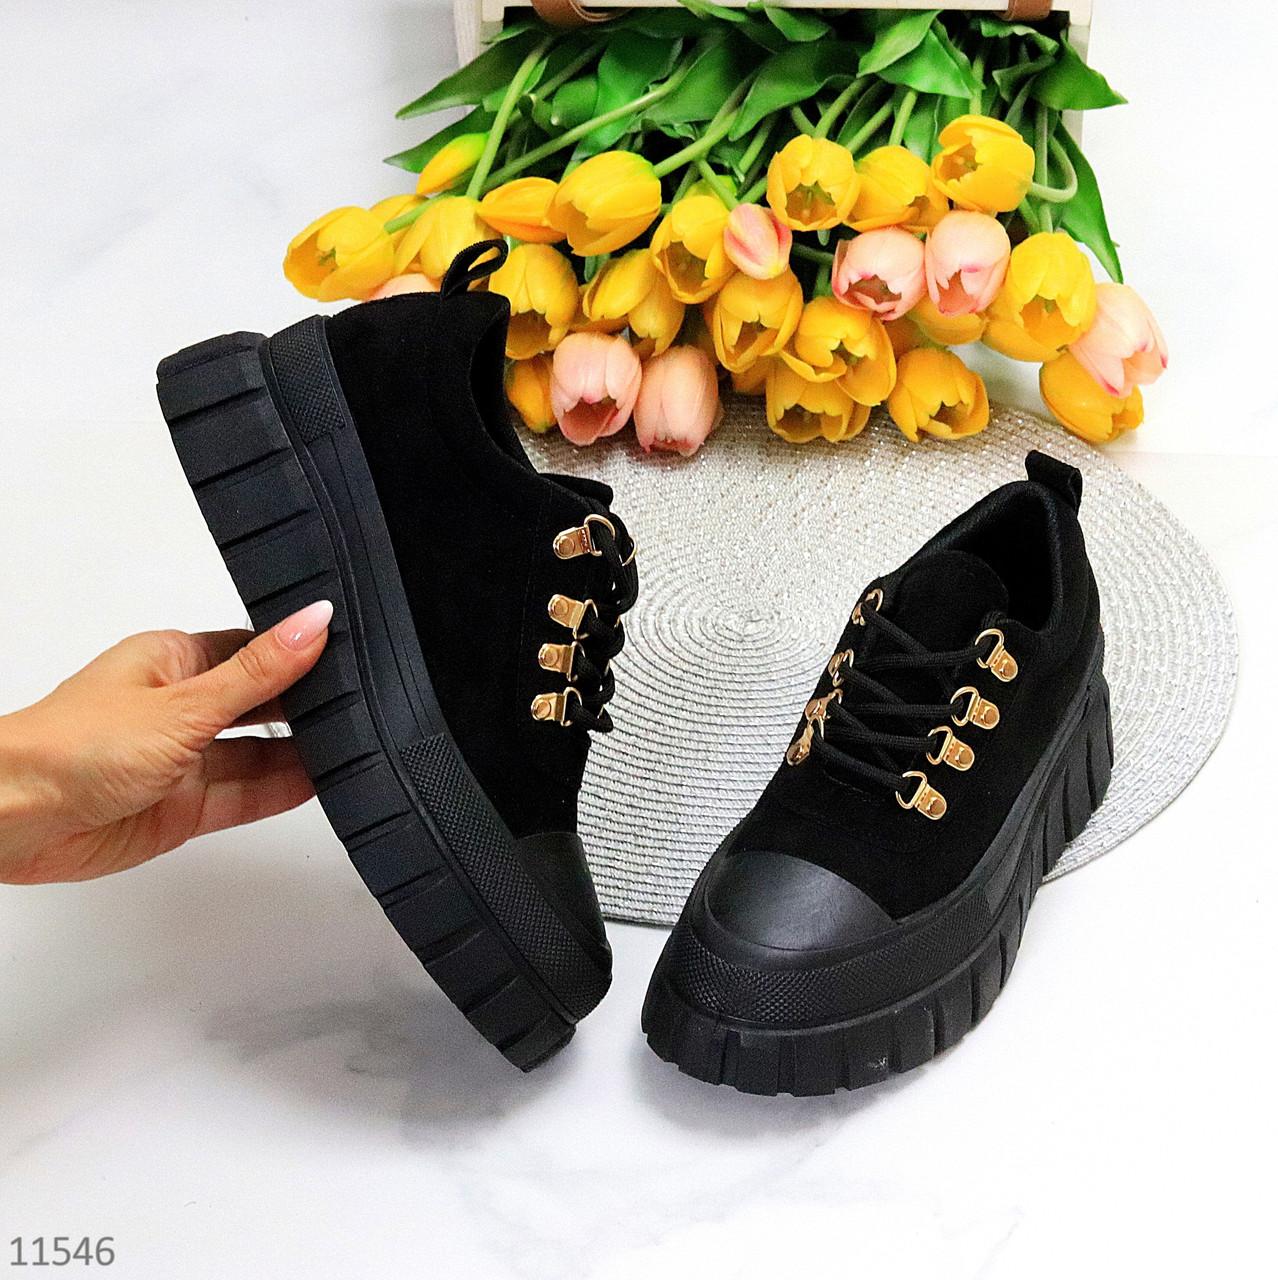 Ультра модні жіночі чорні замшеві кросівки, кеди кріпери на платформі